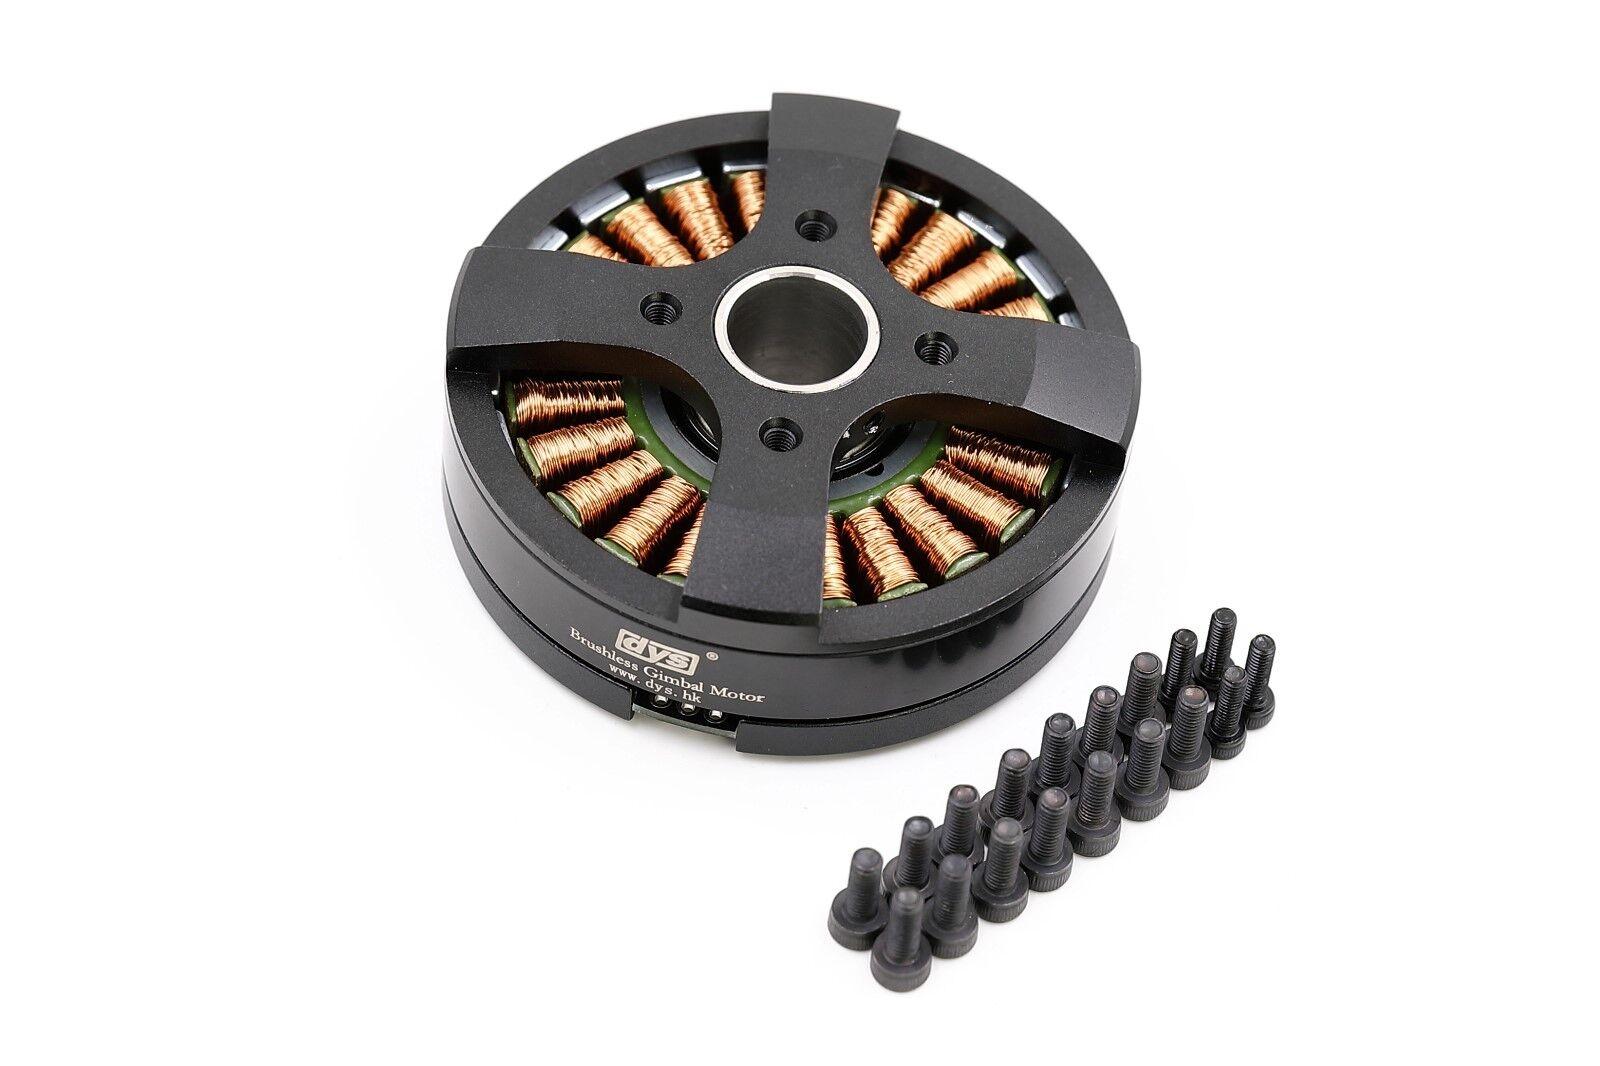 DYS BGM5208-75SR 75Turns Brushless Gimbal Motor for 5D2 DSLR Camera w/ slip-ring